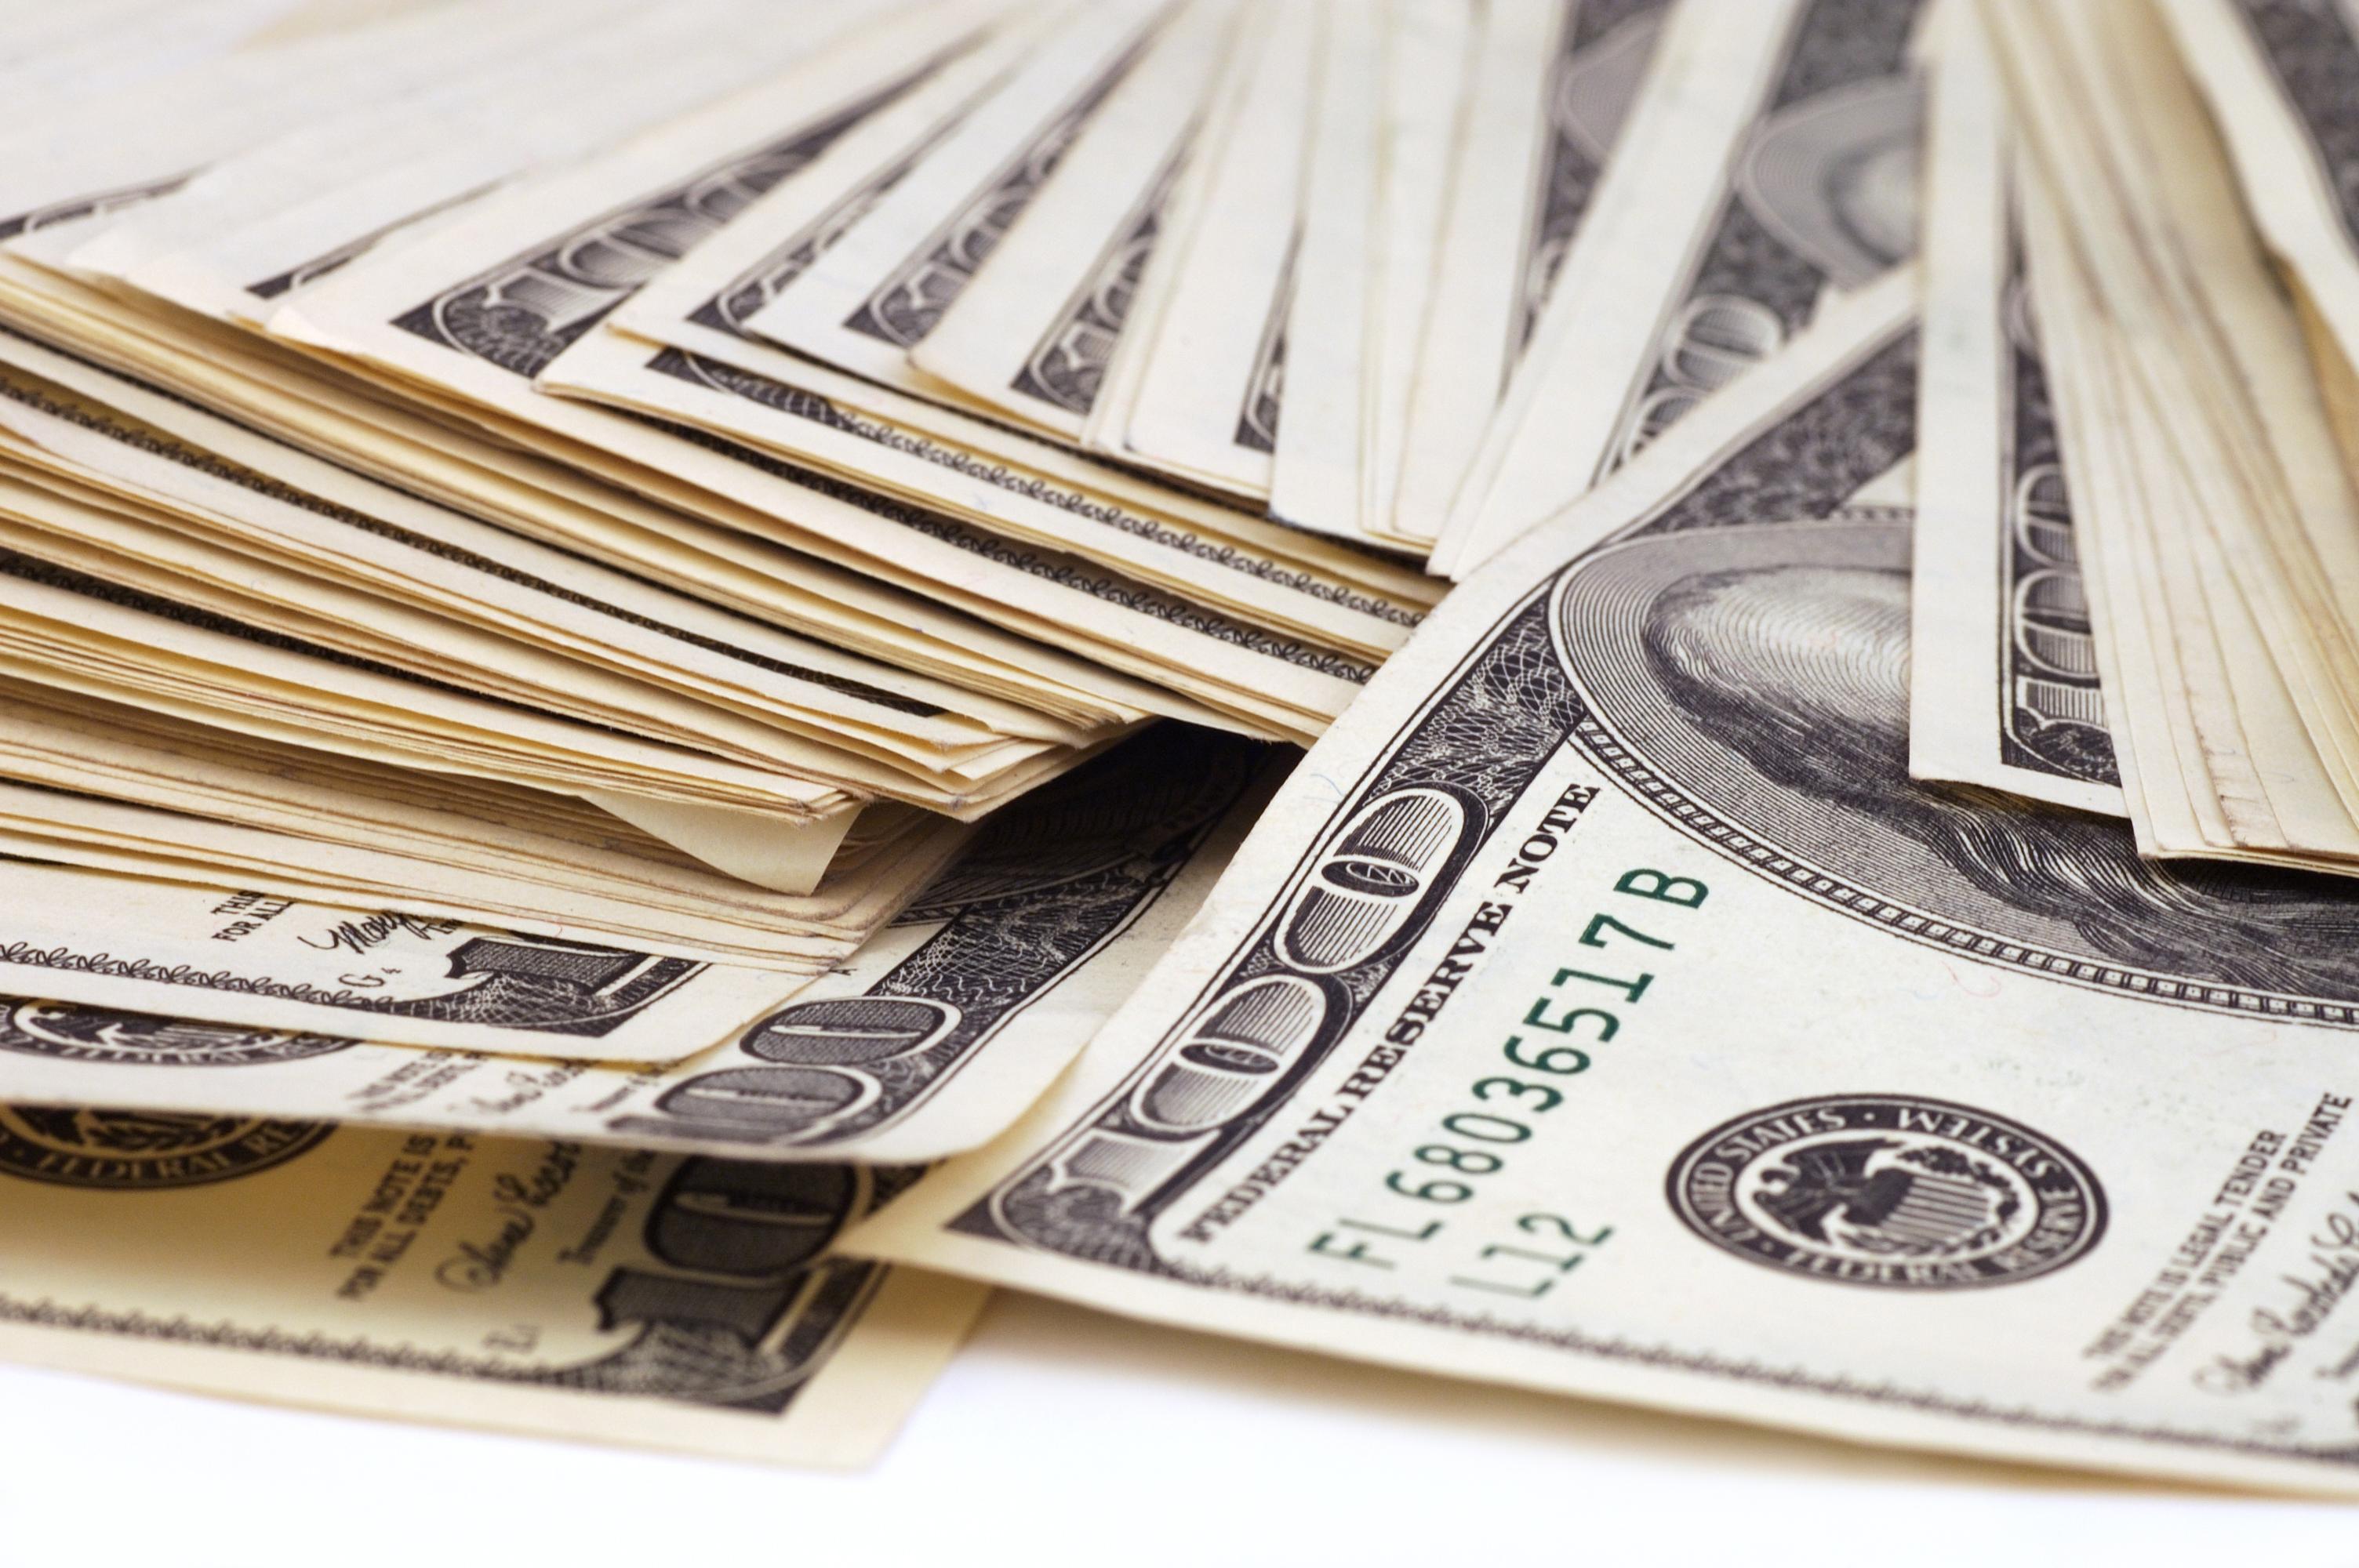 Stacks of hundred-dollar bills.